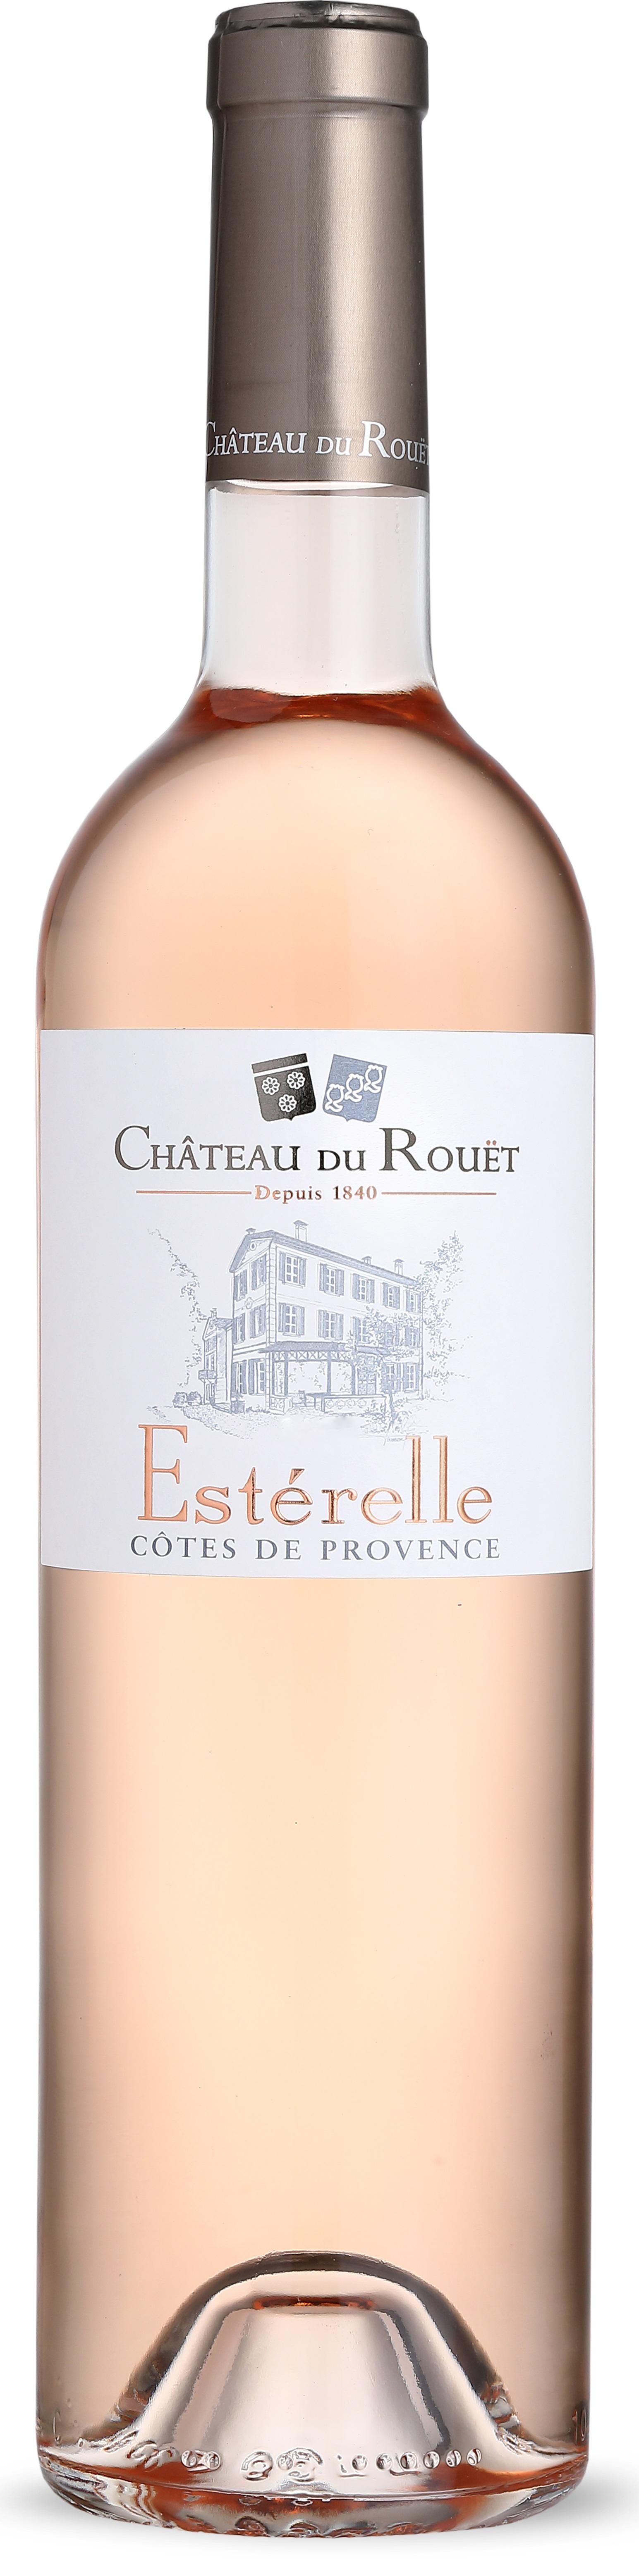 Château du Rouët, `Estérelle` Côtes de Provence 2017